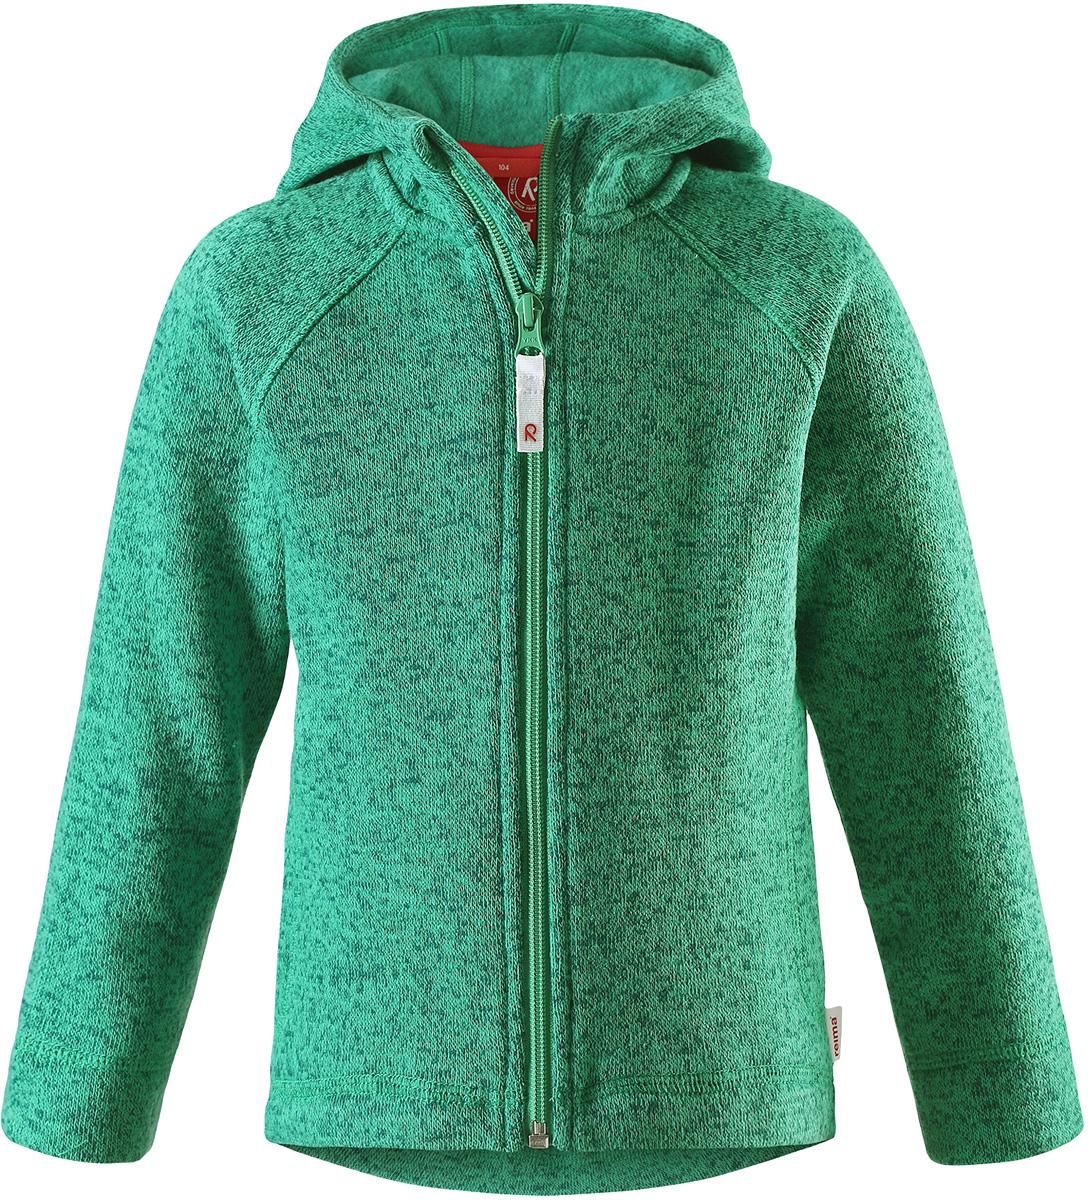 Толстовка флисовая детская Reima Pursi, цвет: зеленый. 5262518800. Размер 985262518800Детская флисовая толстовка Reima с капюшоном отличный вариант на прохладный день. Можно использовать как верхнюю одежду в сухую погоду весной и осенью или надевать в качестве промежуточного слоя в холода. Обратите внимание на удобную систему кнопок Play Layers, с помощью которой легко присоединить эту модель к одежде из серии Reima Play Layers и обеспечить ребенку дополнительное тепло и комфорт. Высококачественный флис - это теплый, легкий и быстросохнущий материал, он идеально подходит для активных прогулок. Удлиненная спинка обеспечивает дополнительную защиту для поясницы, а молния во всю длину с защитой для подбородка облегчает надевание.